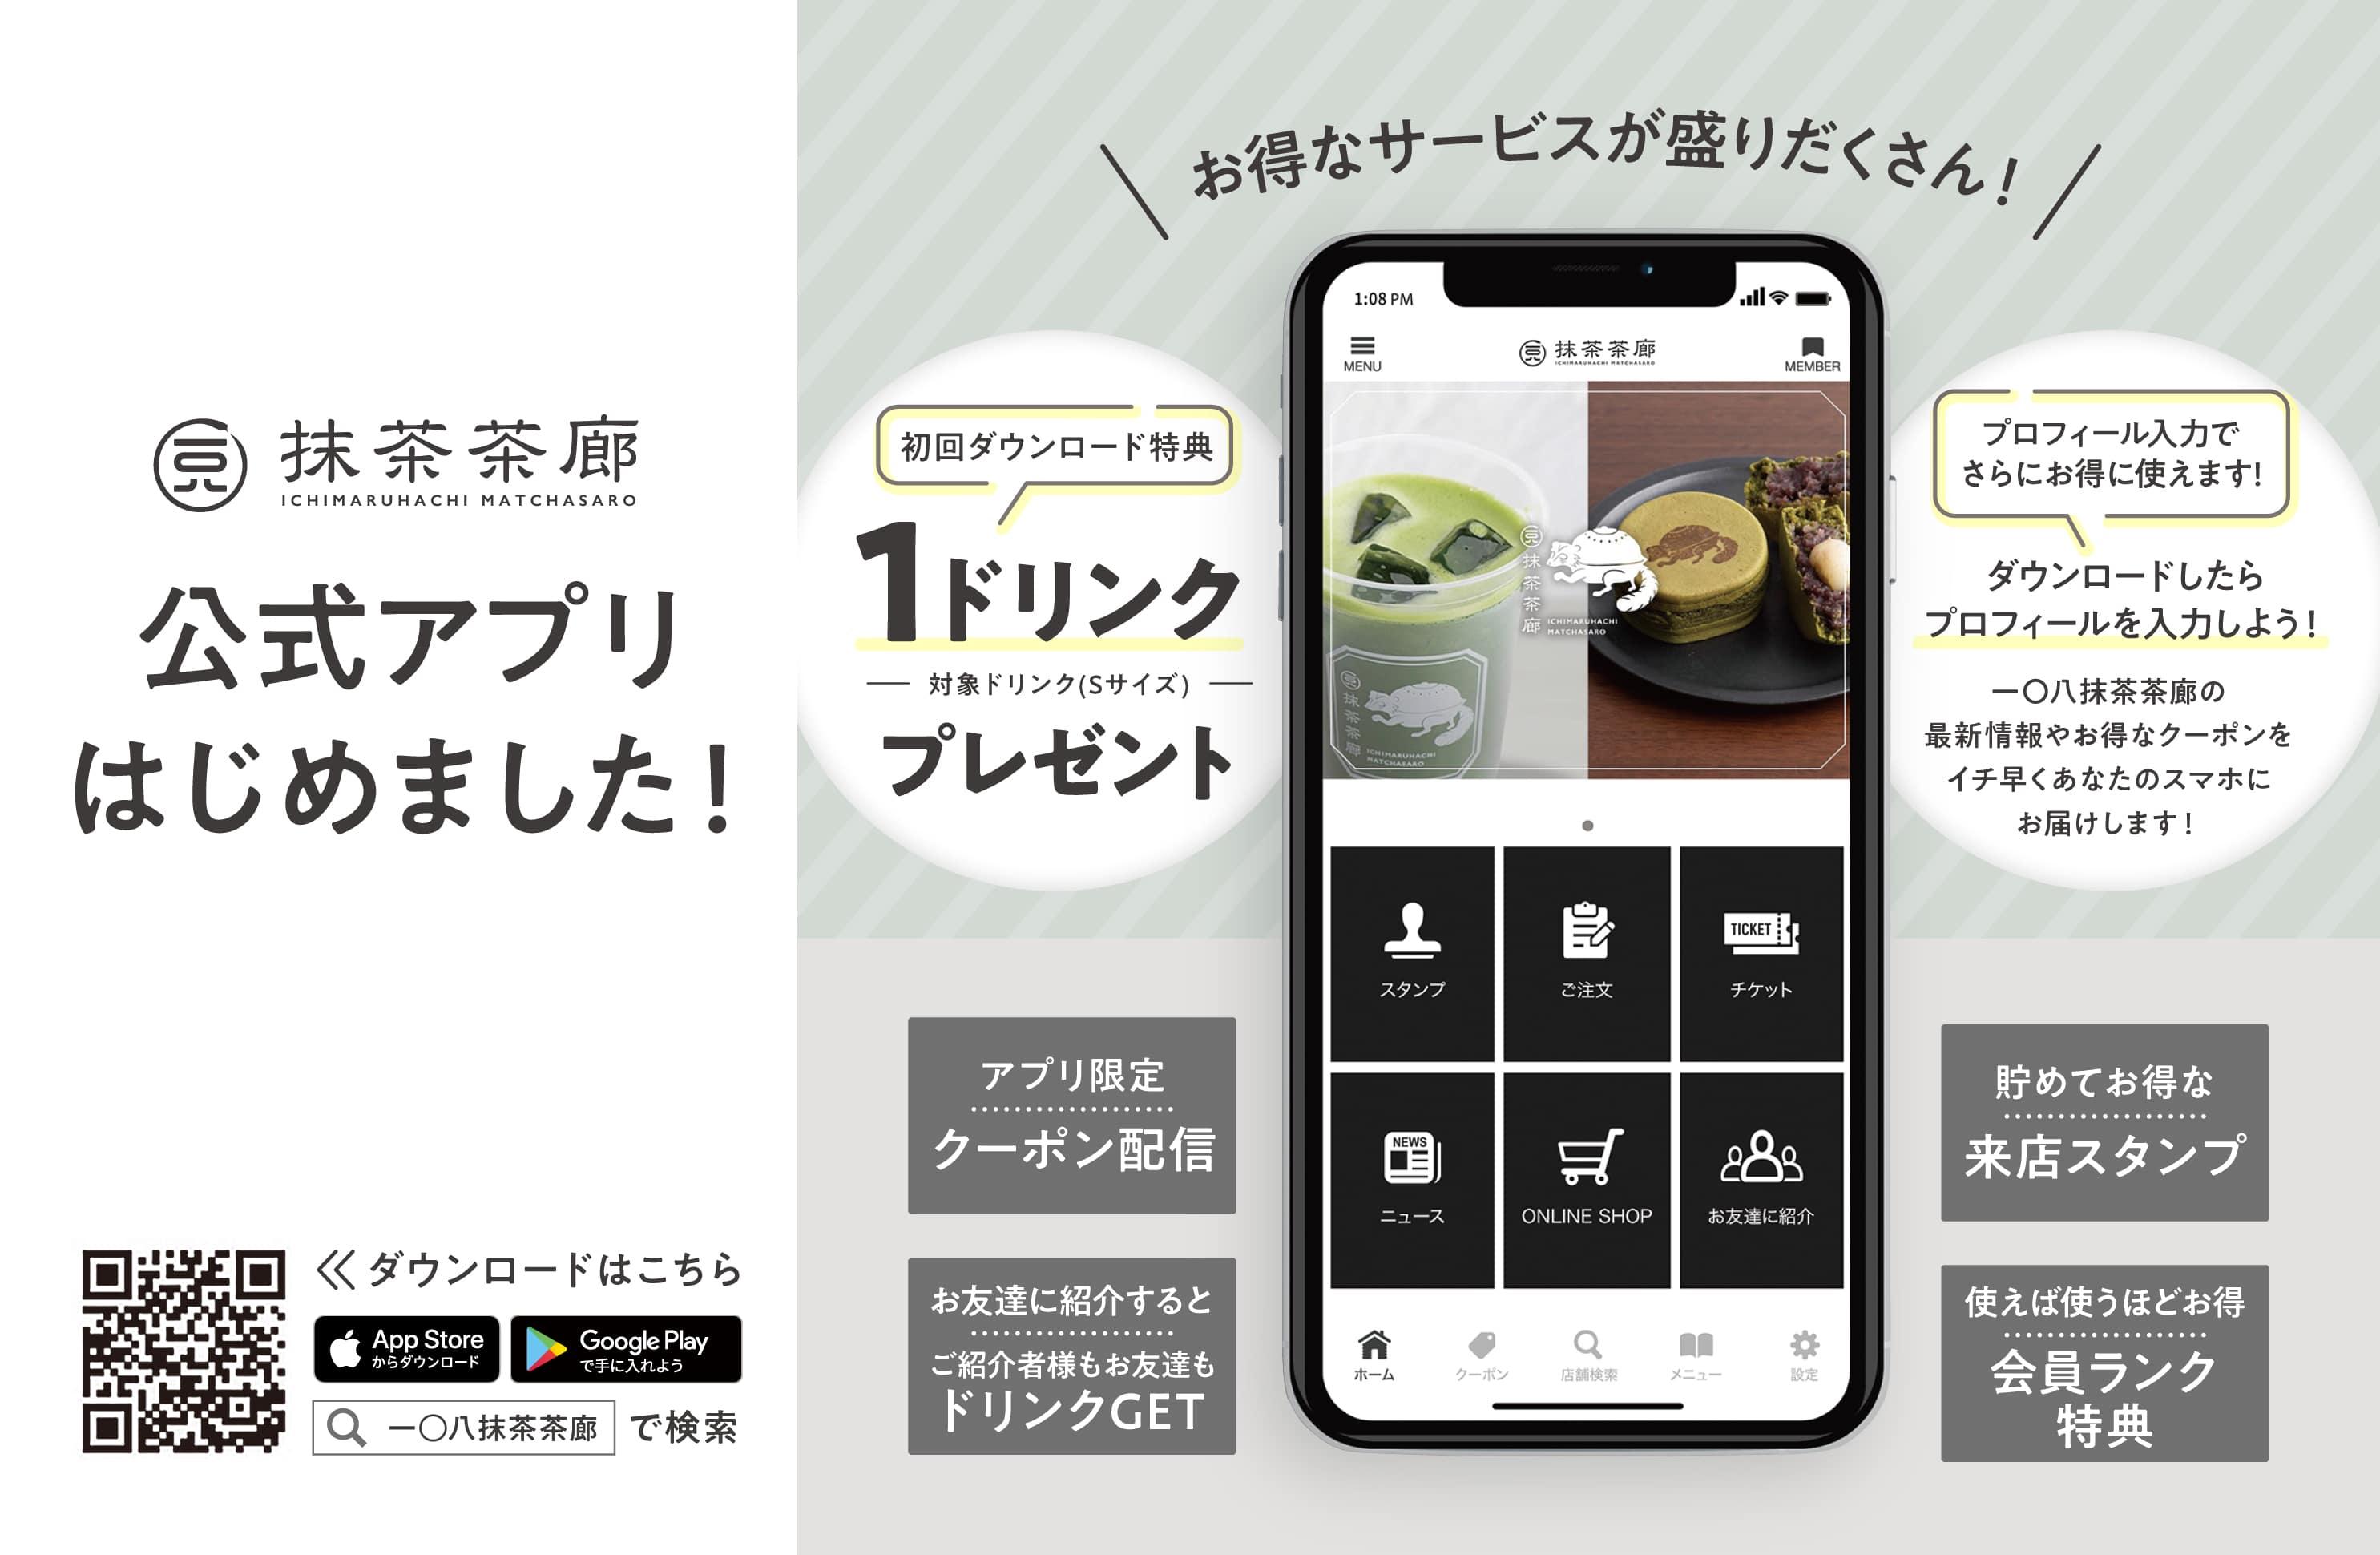 一〇八抹茶茶廊公式アプリのご案内